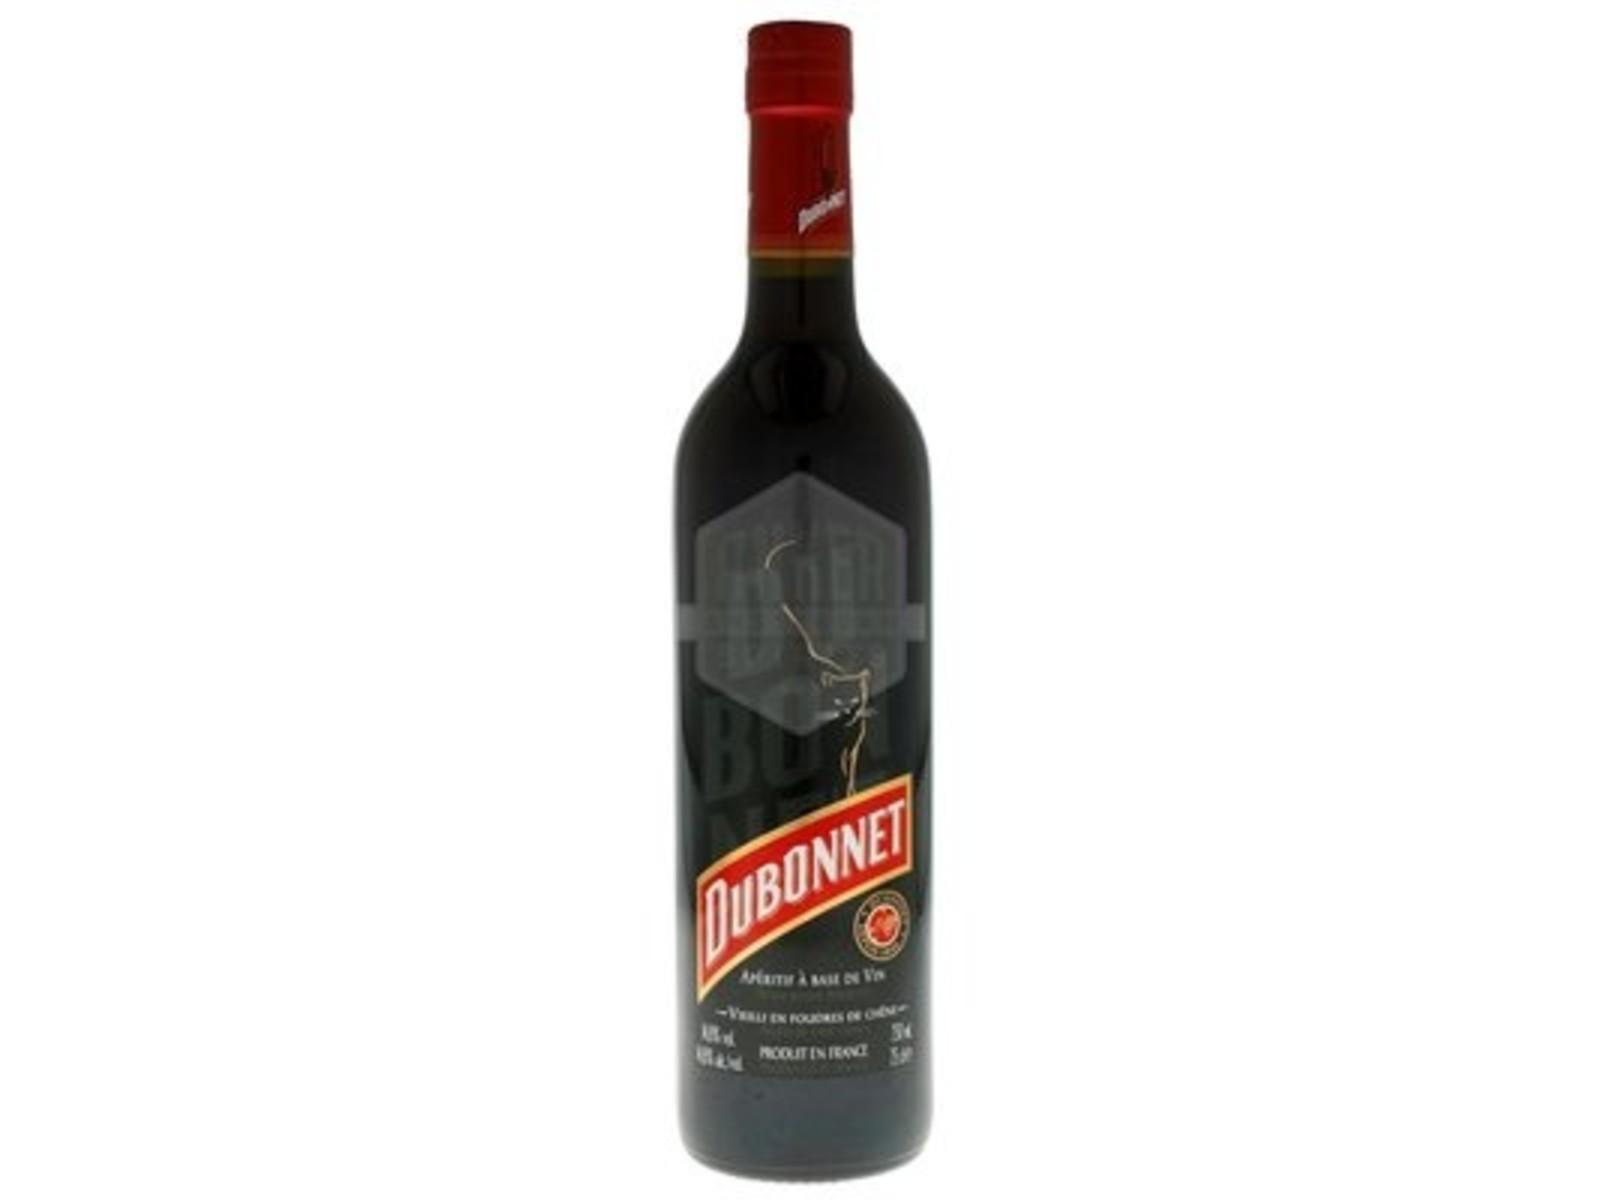 Dubonnet Dubonnet Aperitif A Base De Vin